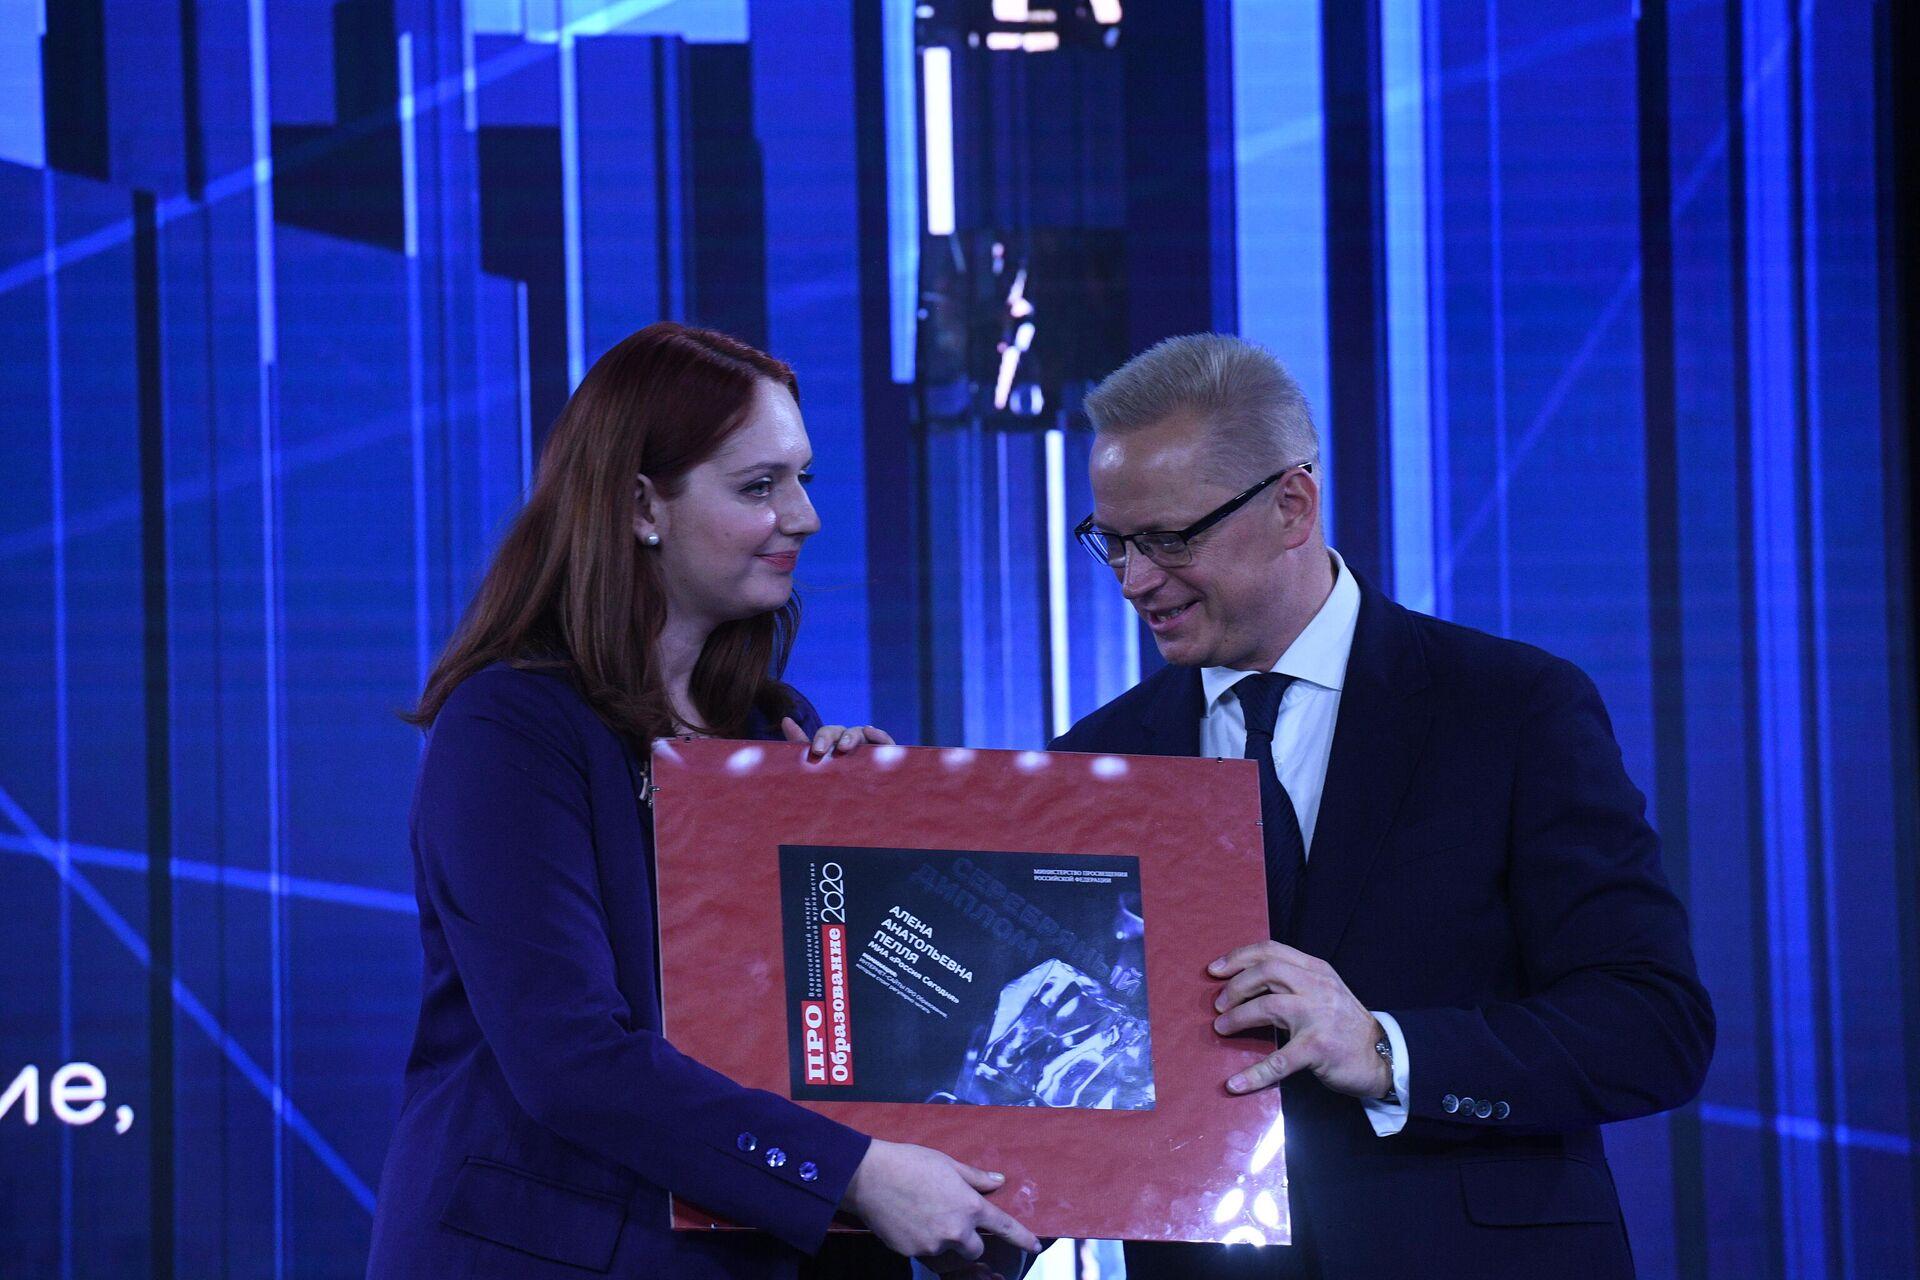 Социальный навигатор получил серебро на конкурсе ПРО Образование  - РИА Новости, 1920, 12.11.2020